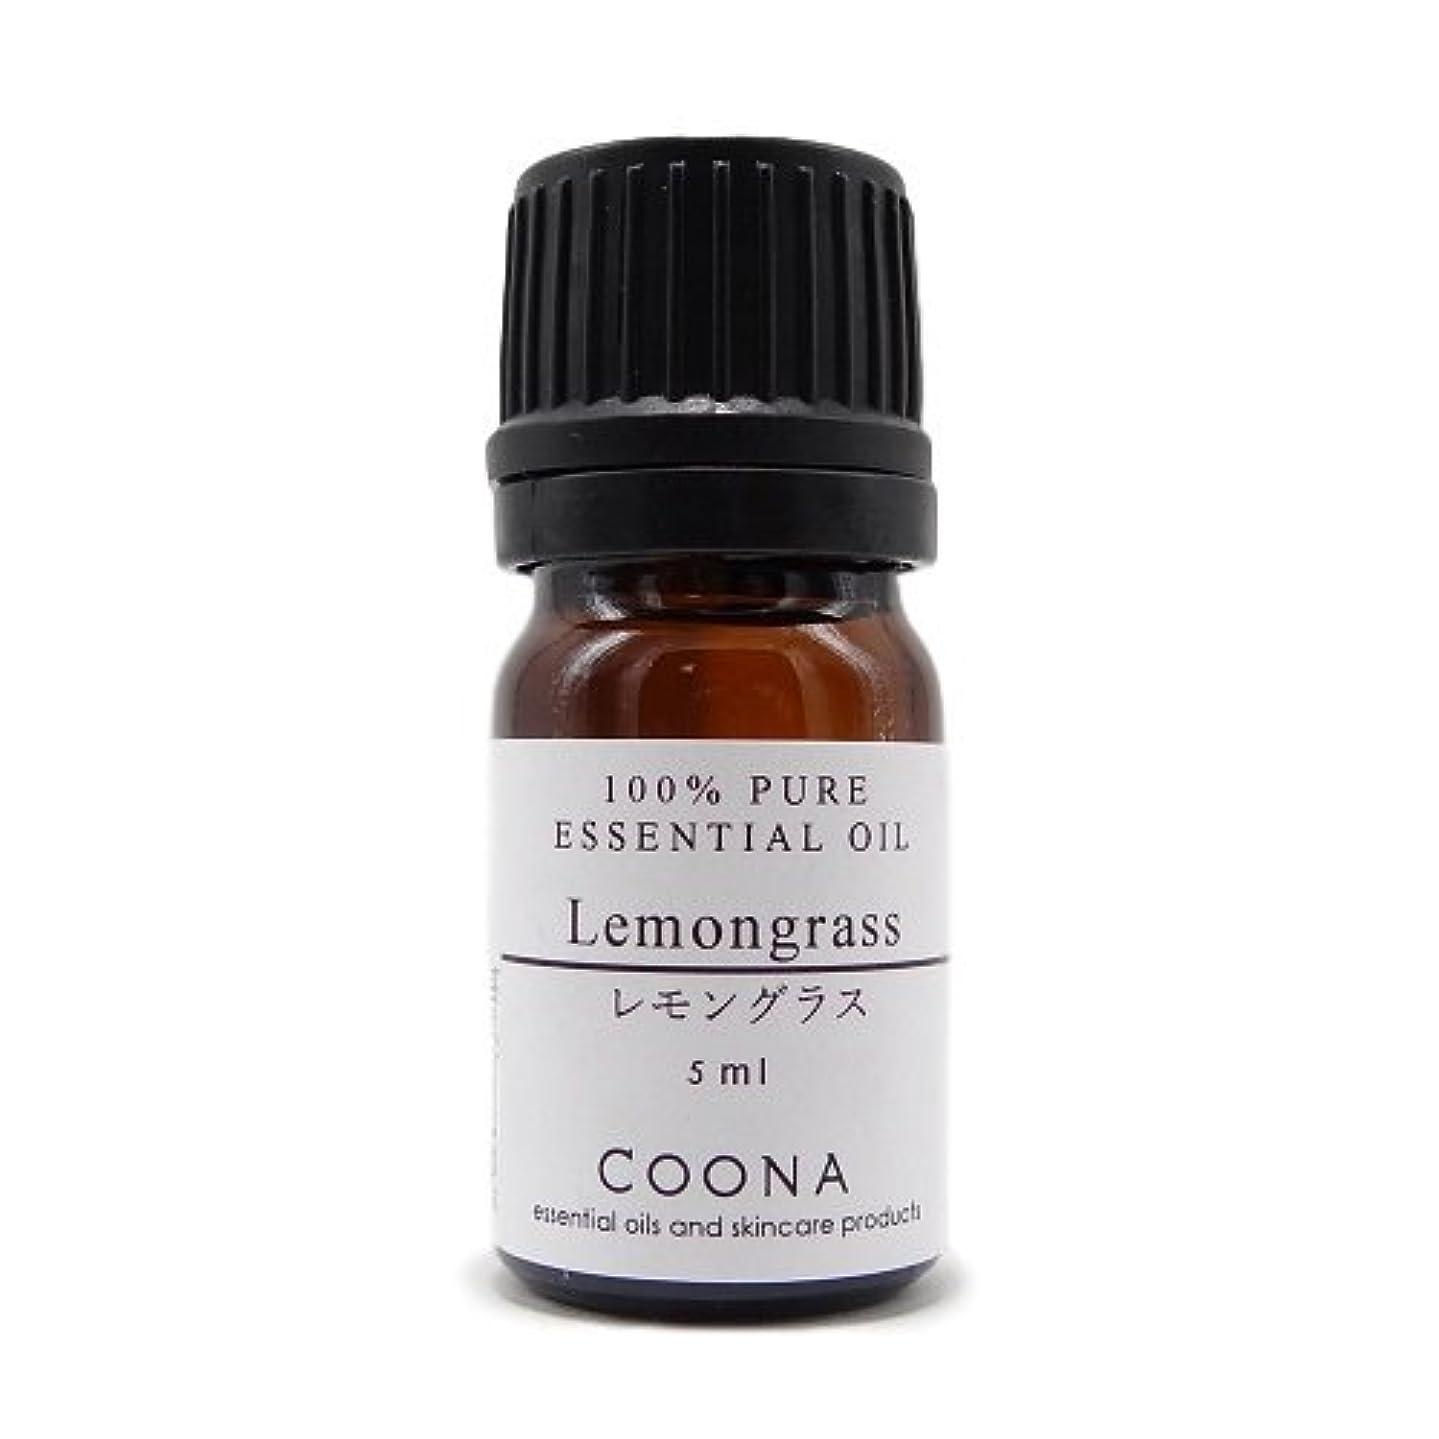 水星司書予算レモングラス 5ml (COONA エッセンシャルオイル アロマオイル 100%天然植物精油)